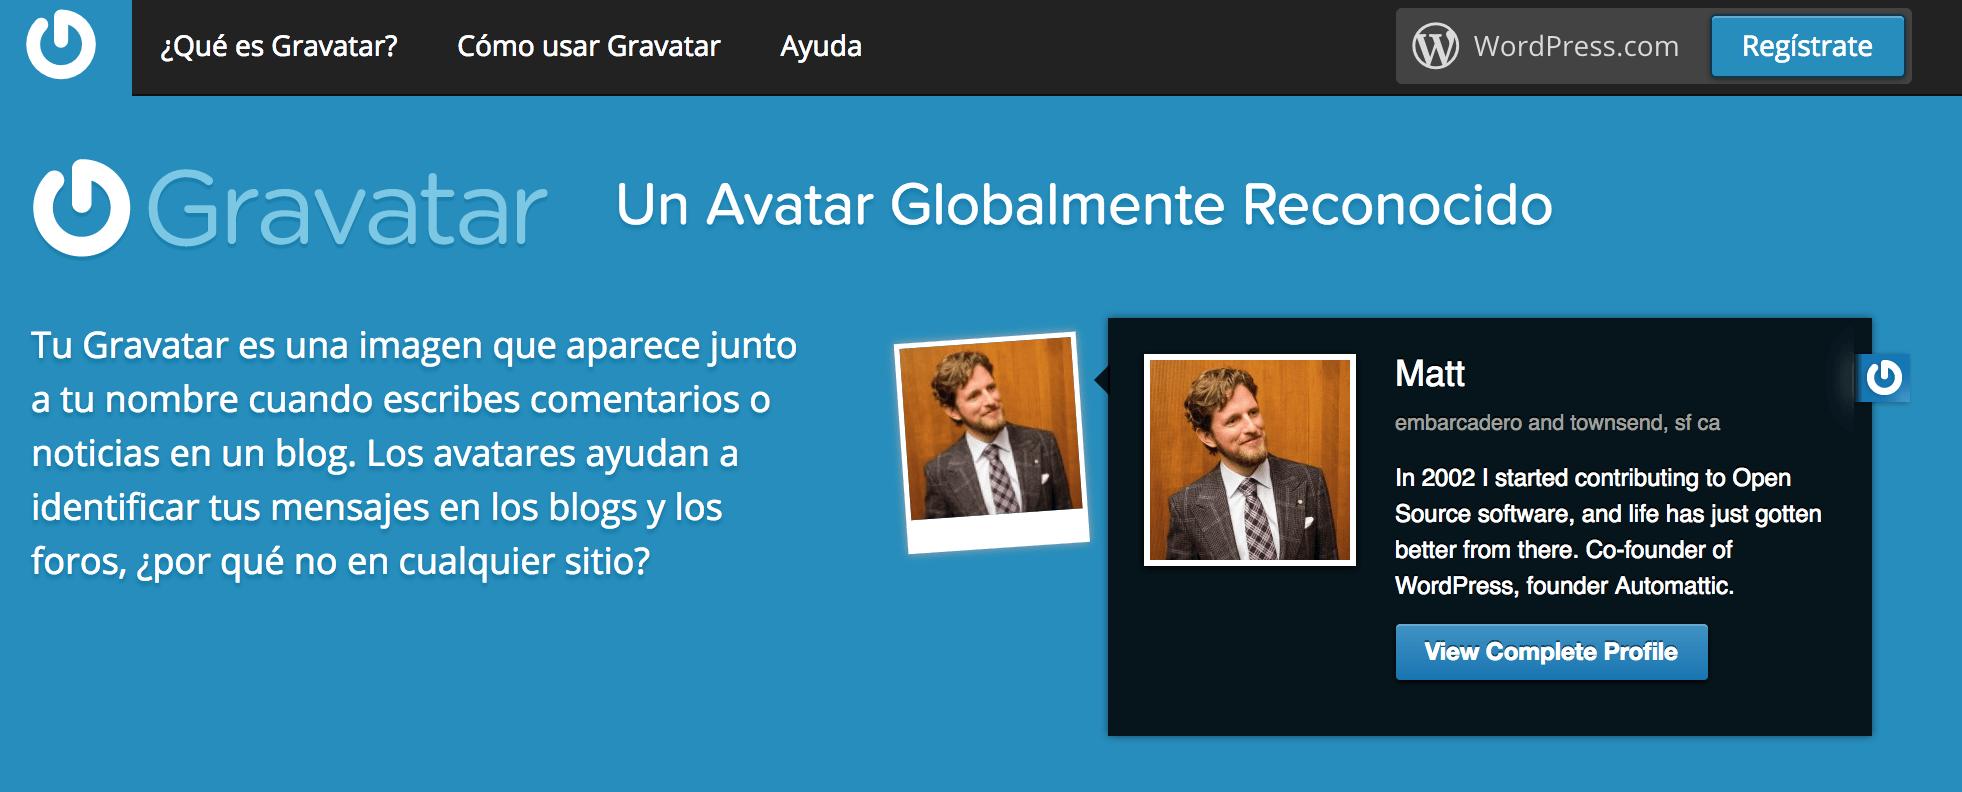 Captura de pantalla de gravatar.com